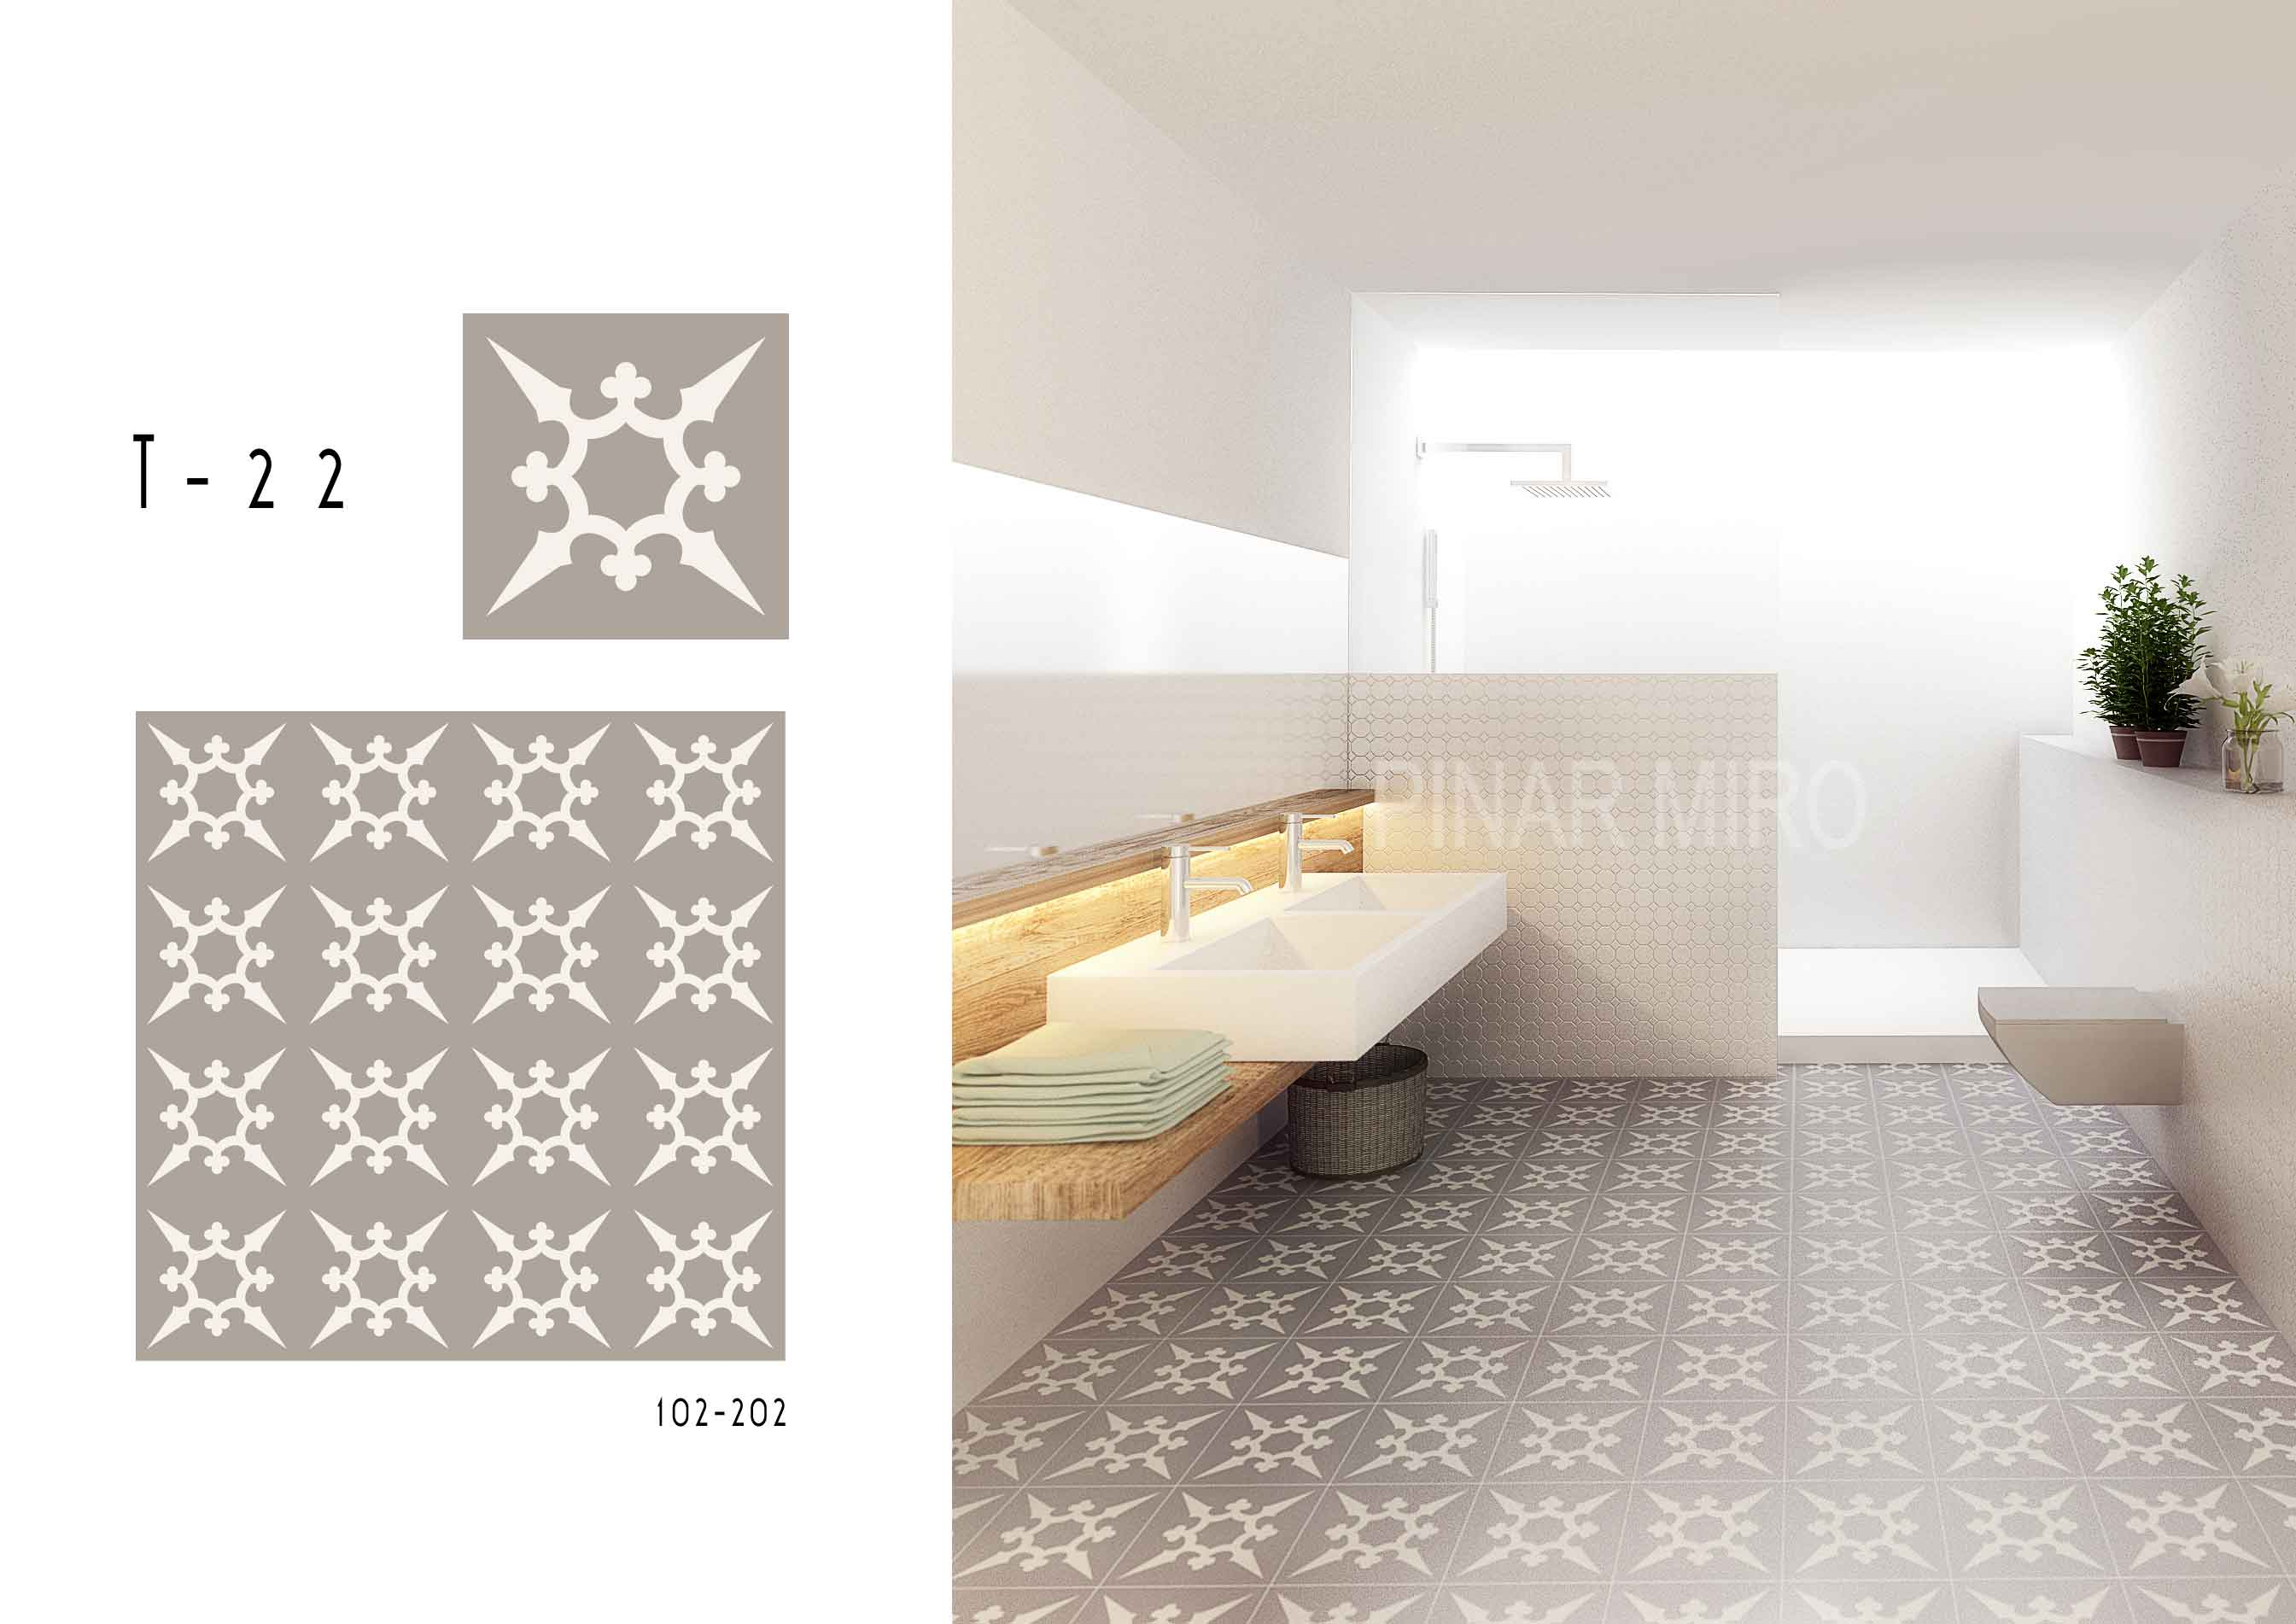 1t022-pinar-miro-cement-tiles